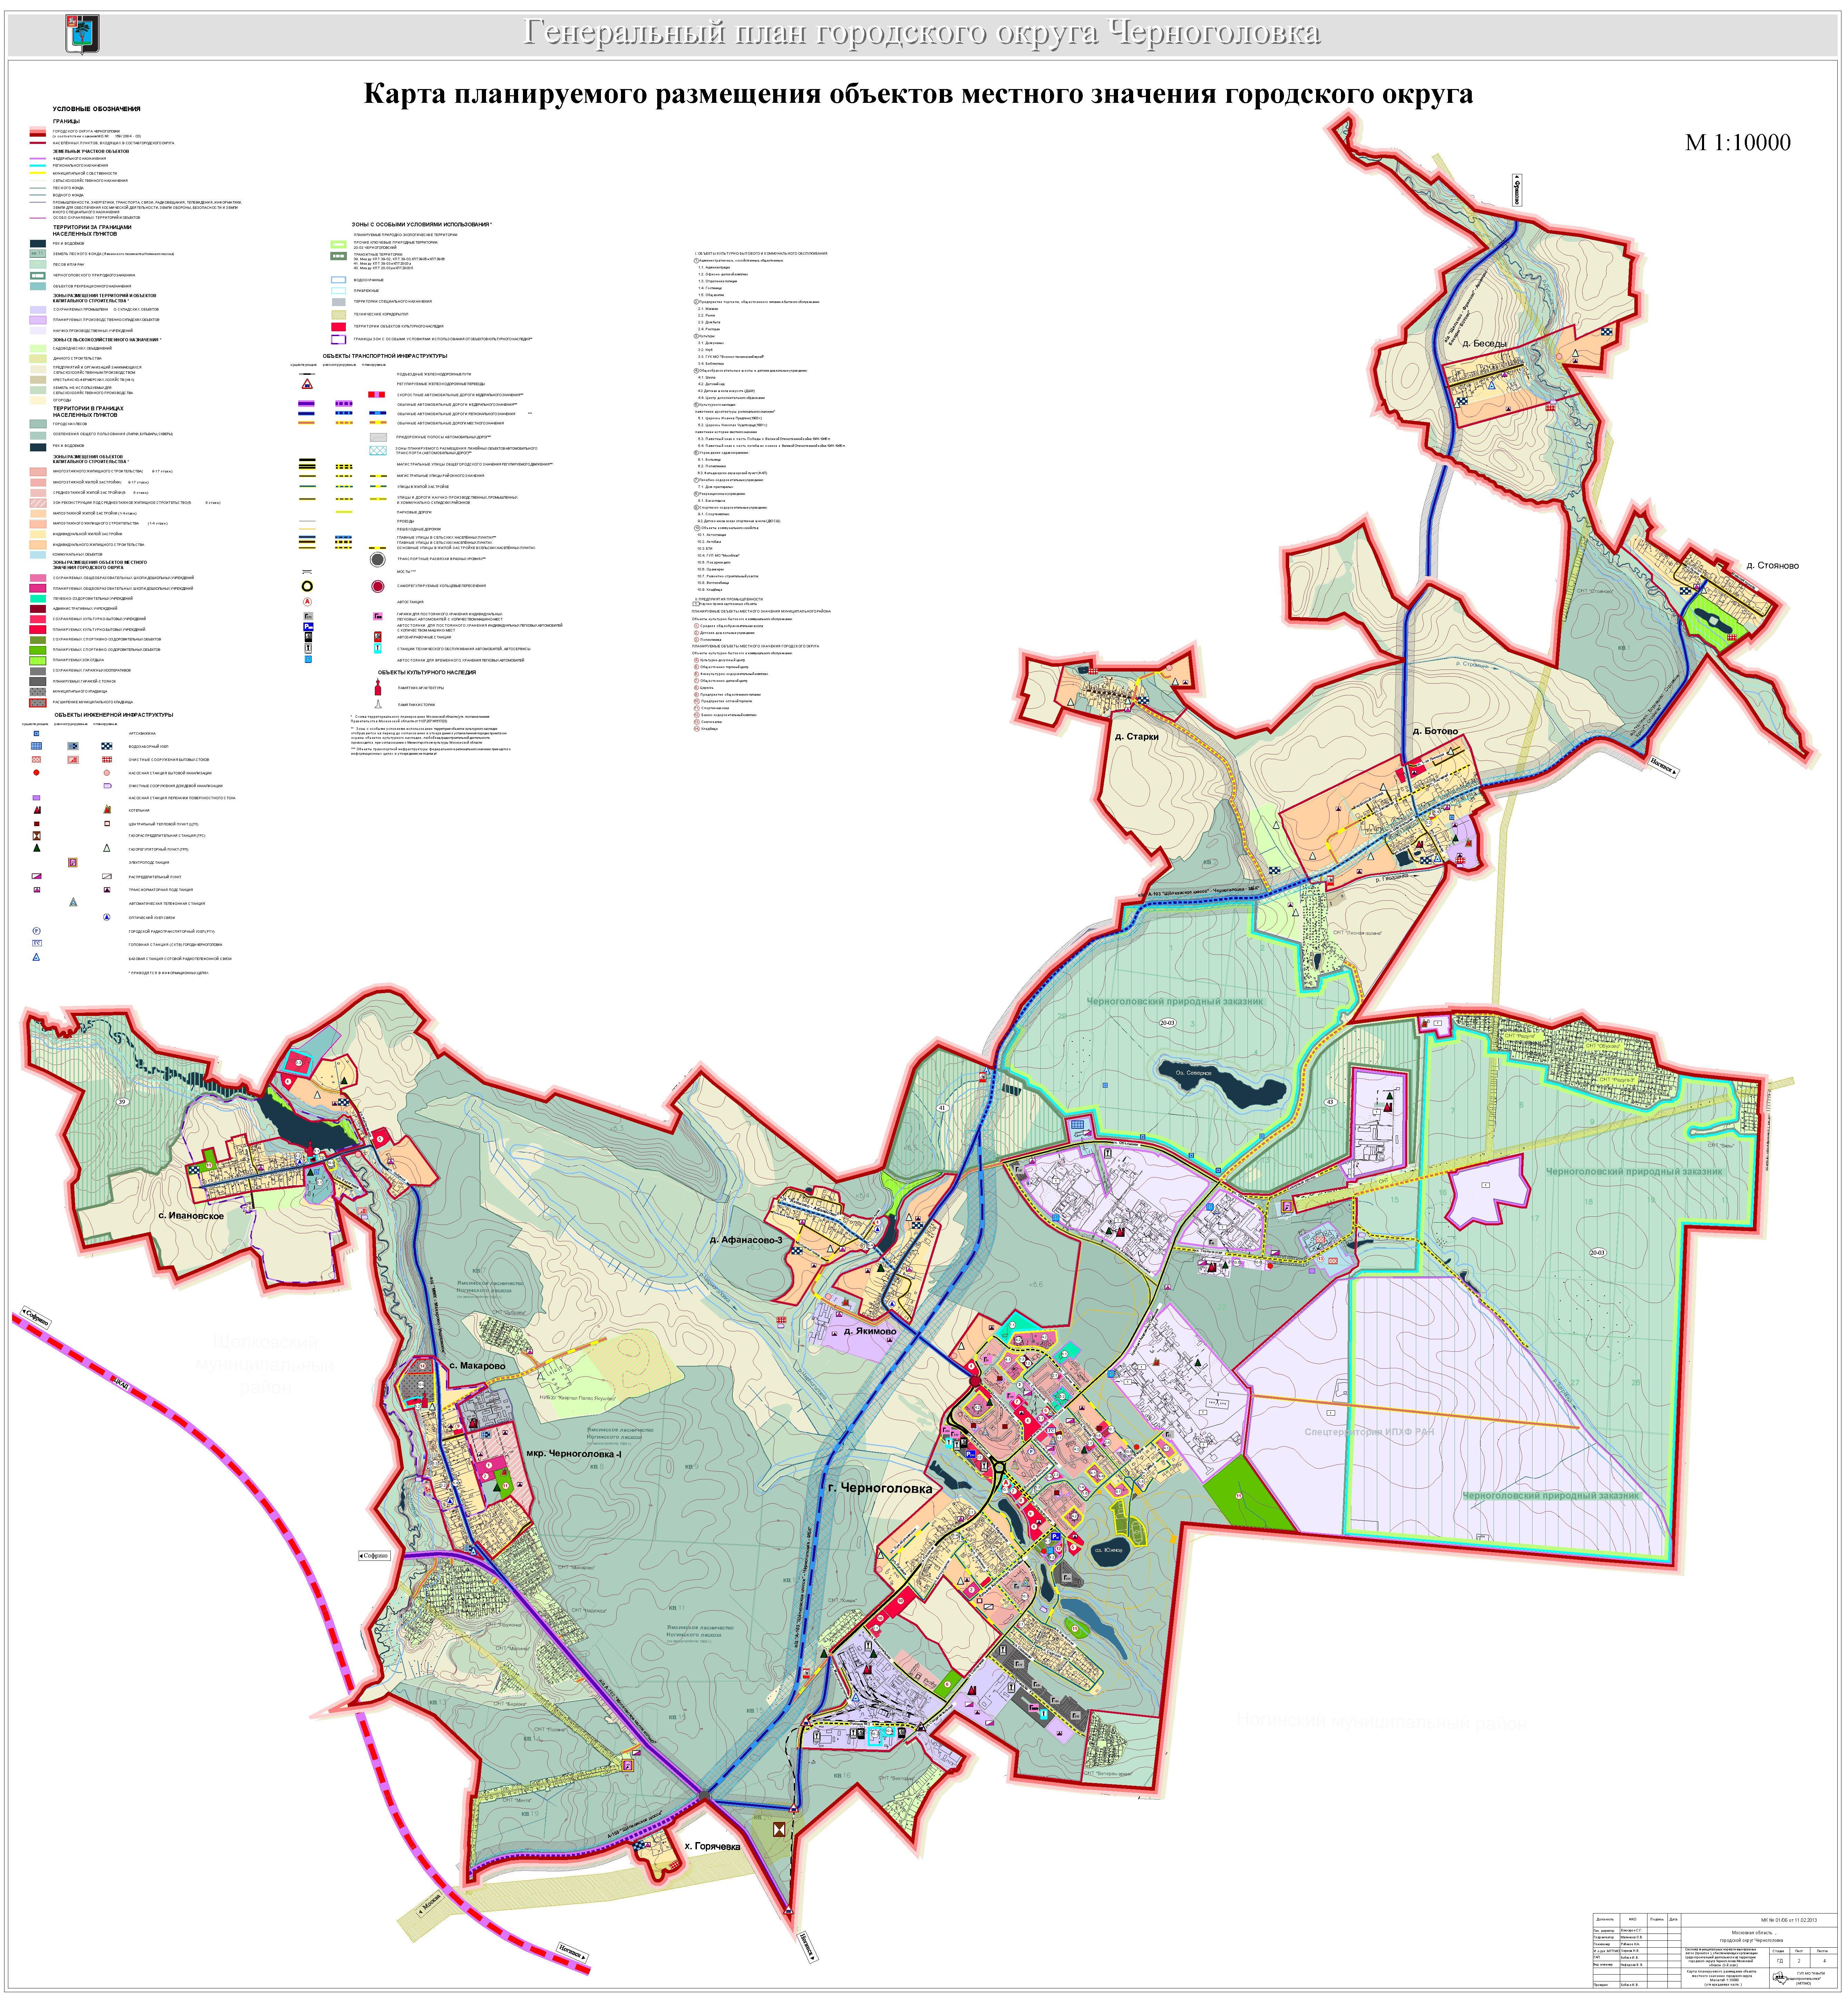 Сроки утверждение схемы округов